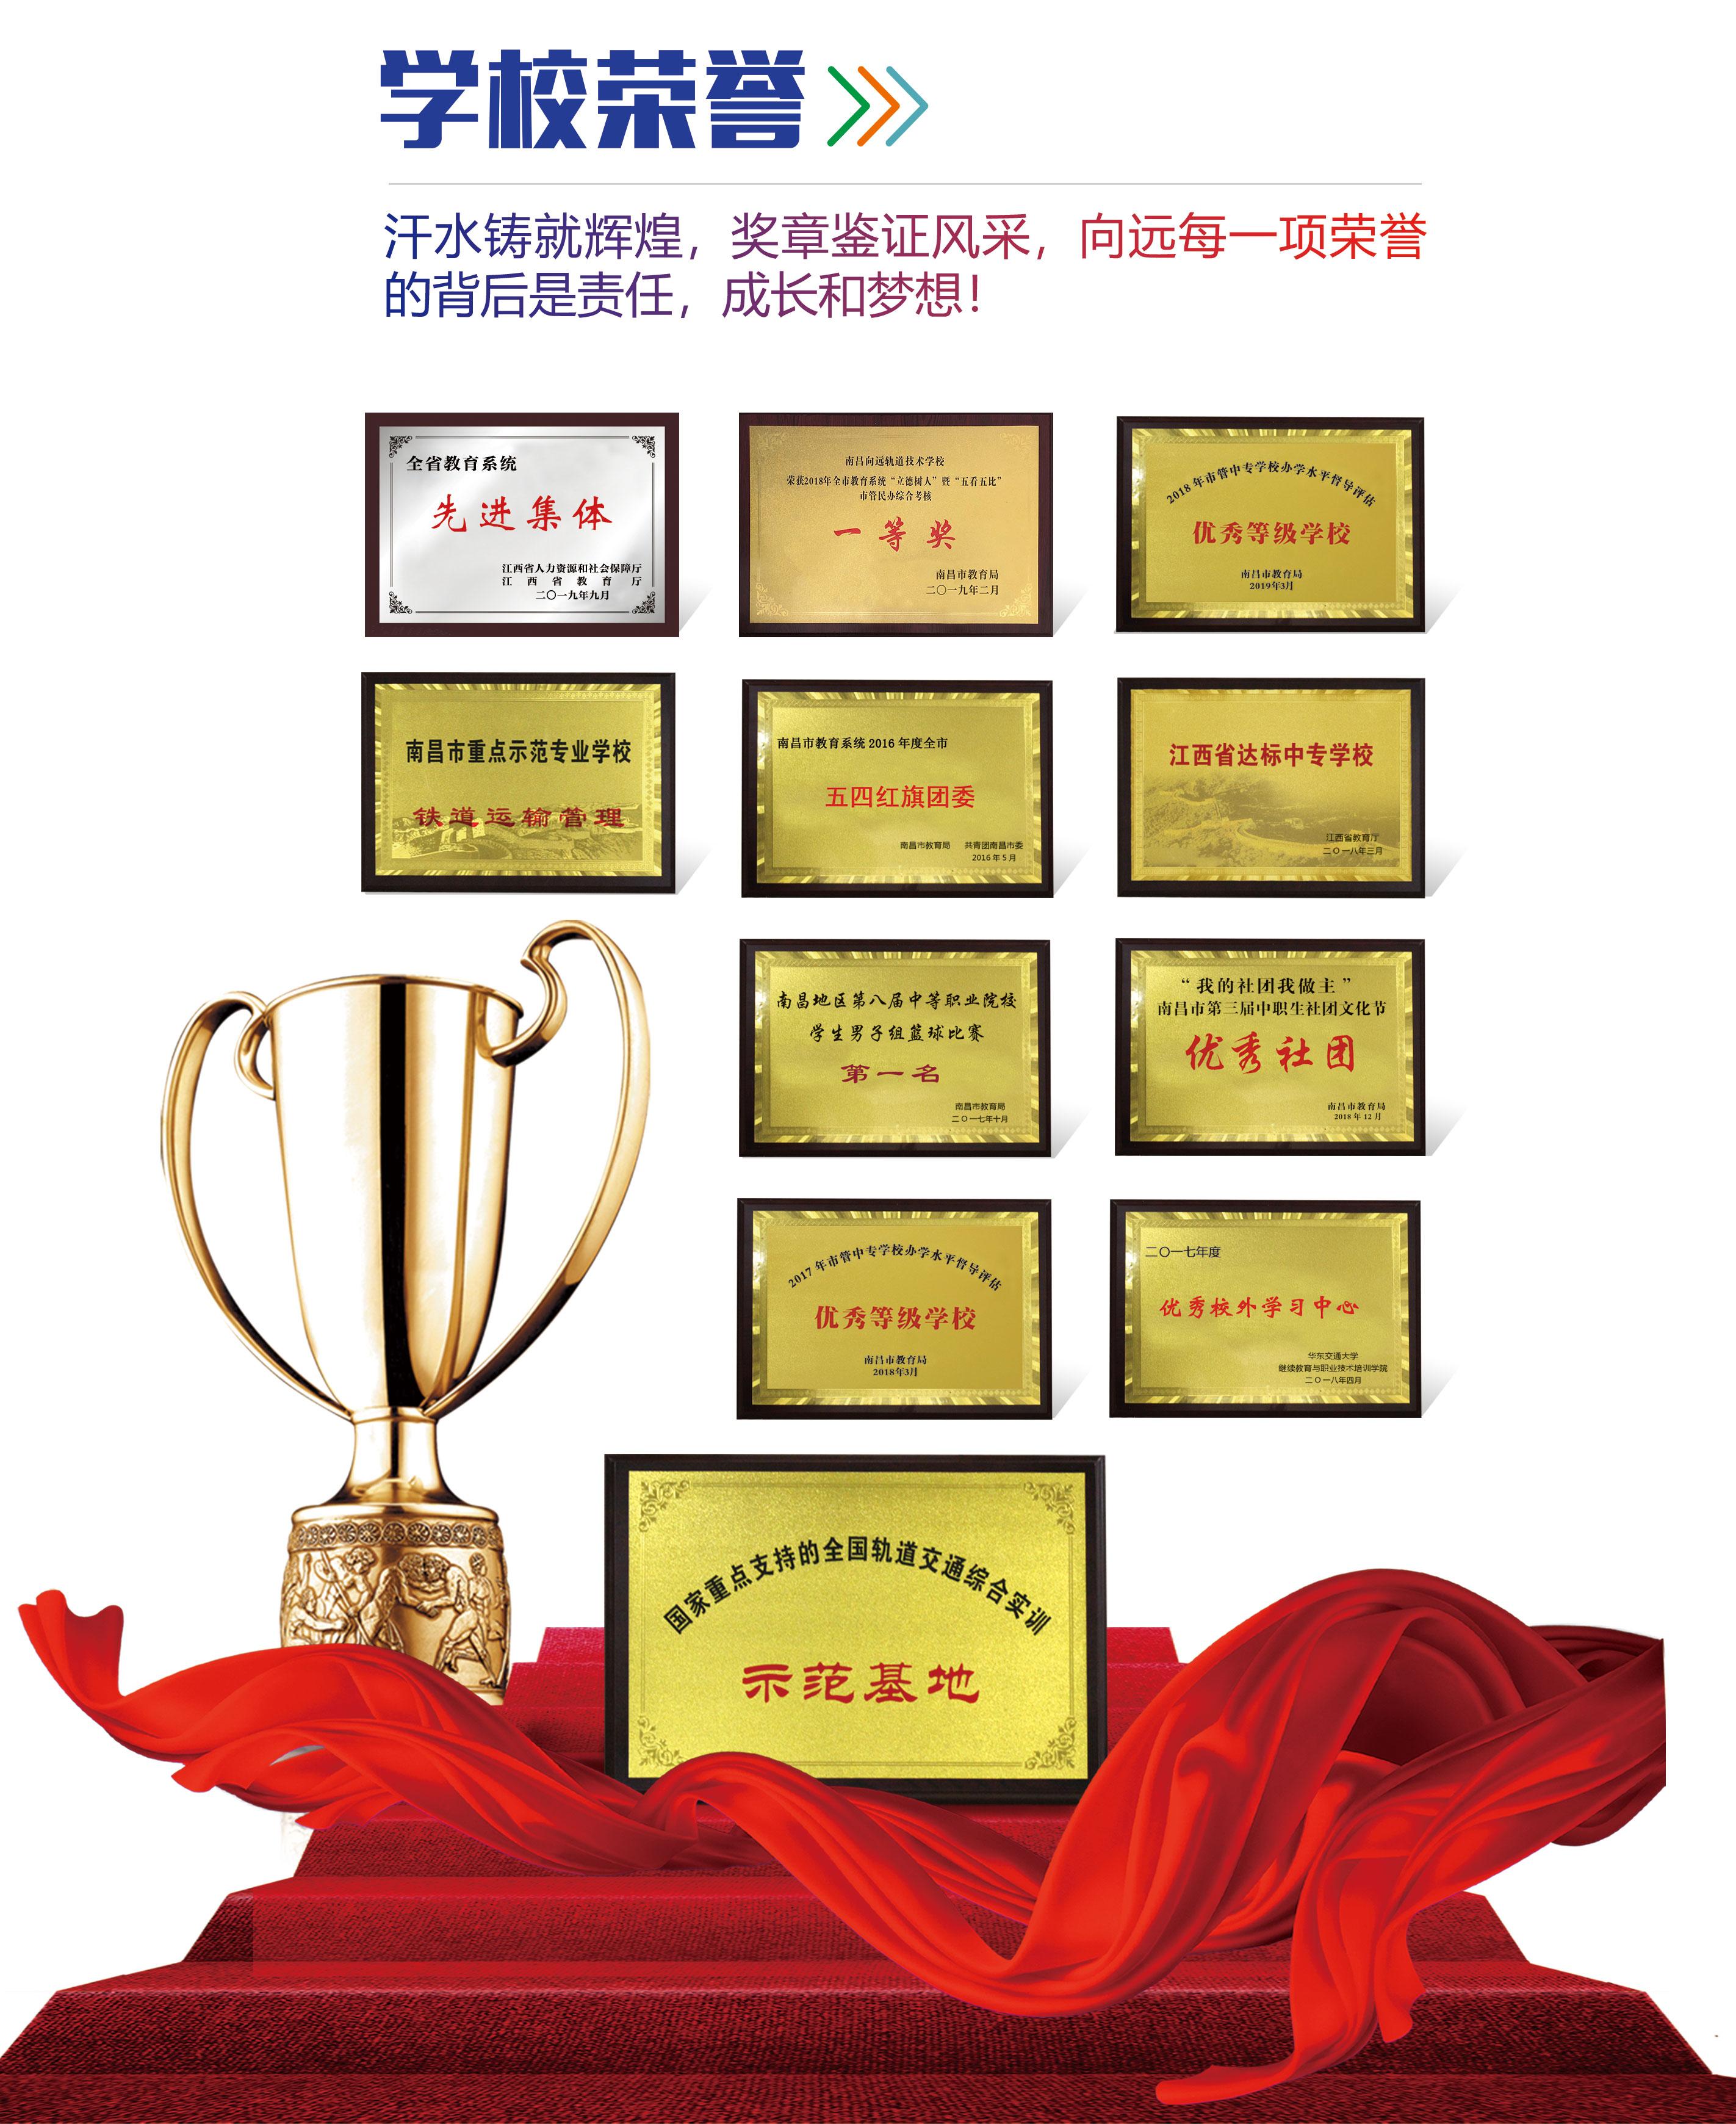 南昌铁路学校荣誉资质